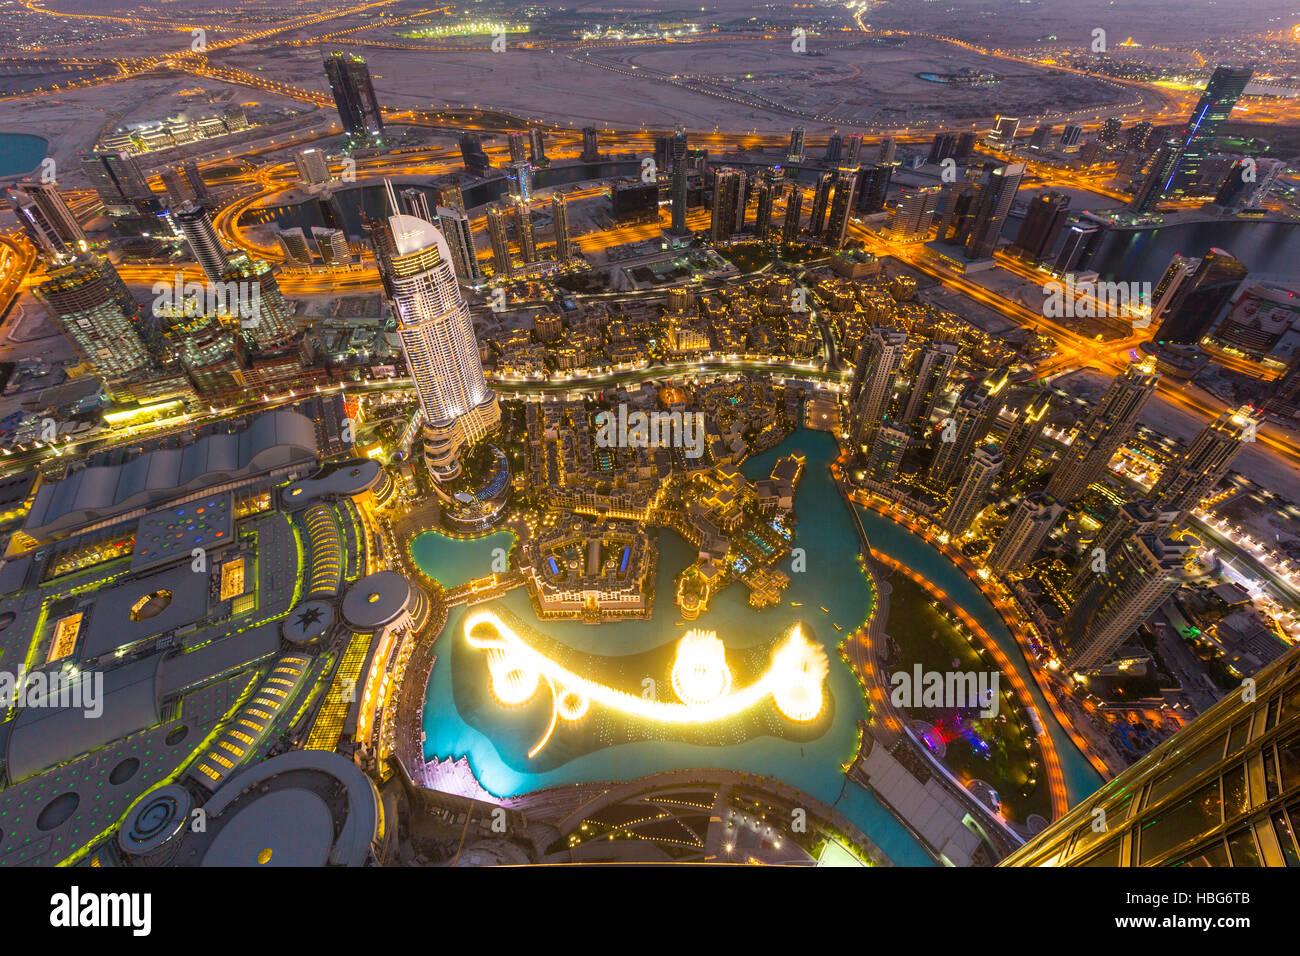 Vista desde la plataforma de observación, Burj Dubai Fountain, la dirección Downtown Burj Dubai Mall y el Souk Al Foto de stock